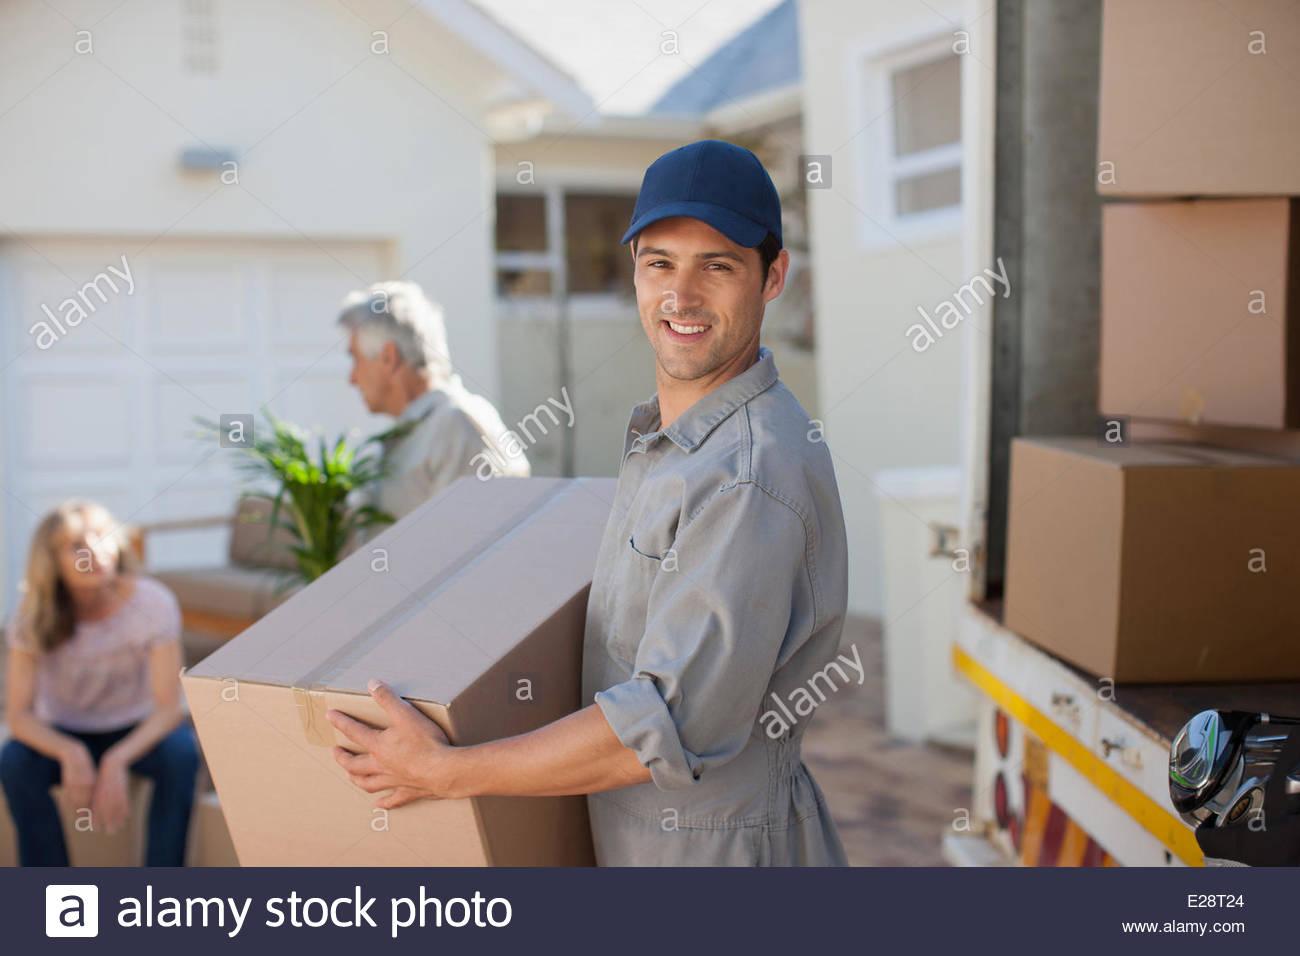 Mover aiutando giovane spostare nella nuova casa Immagini Stock